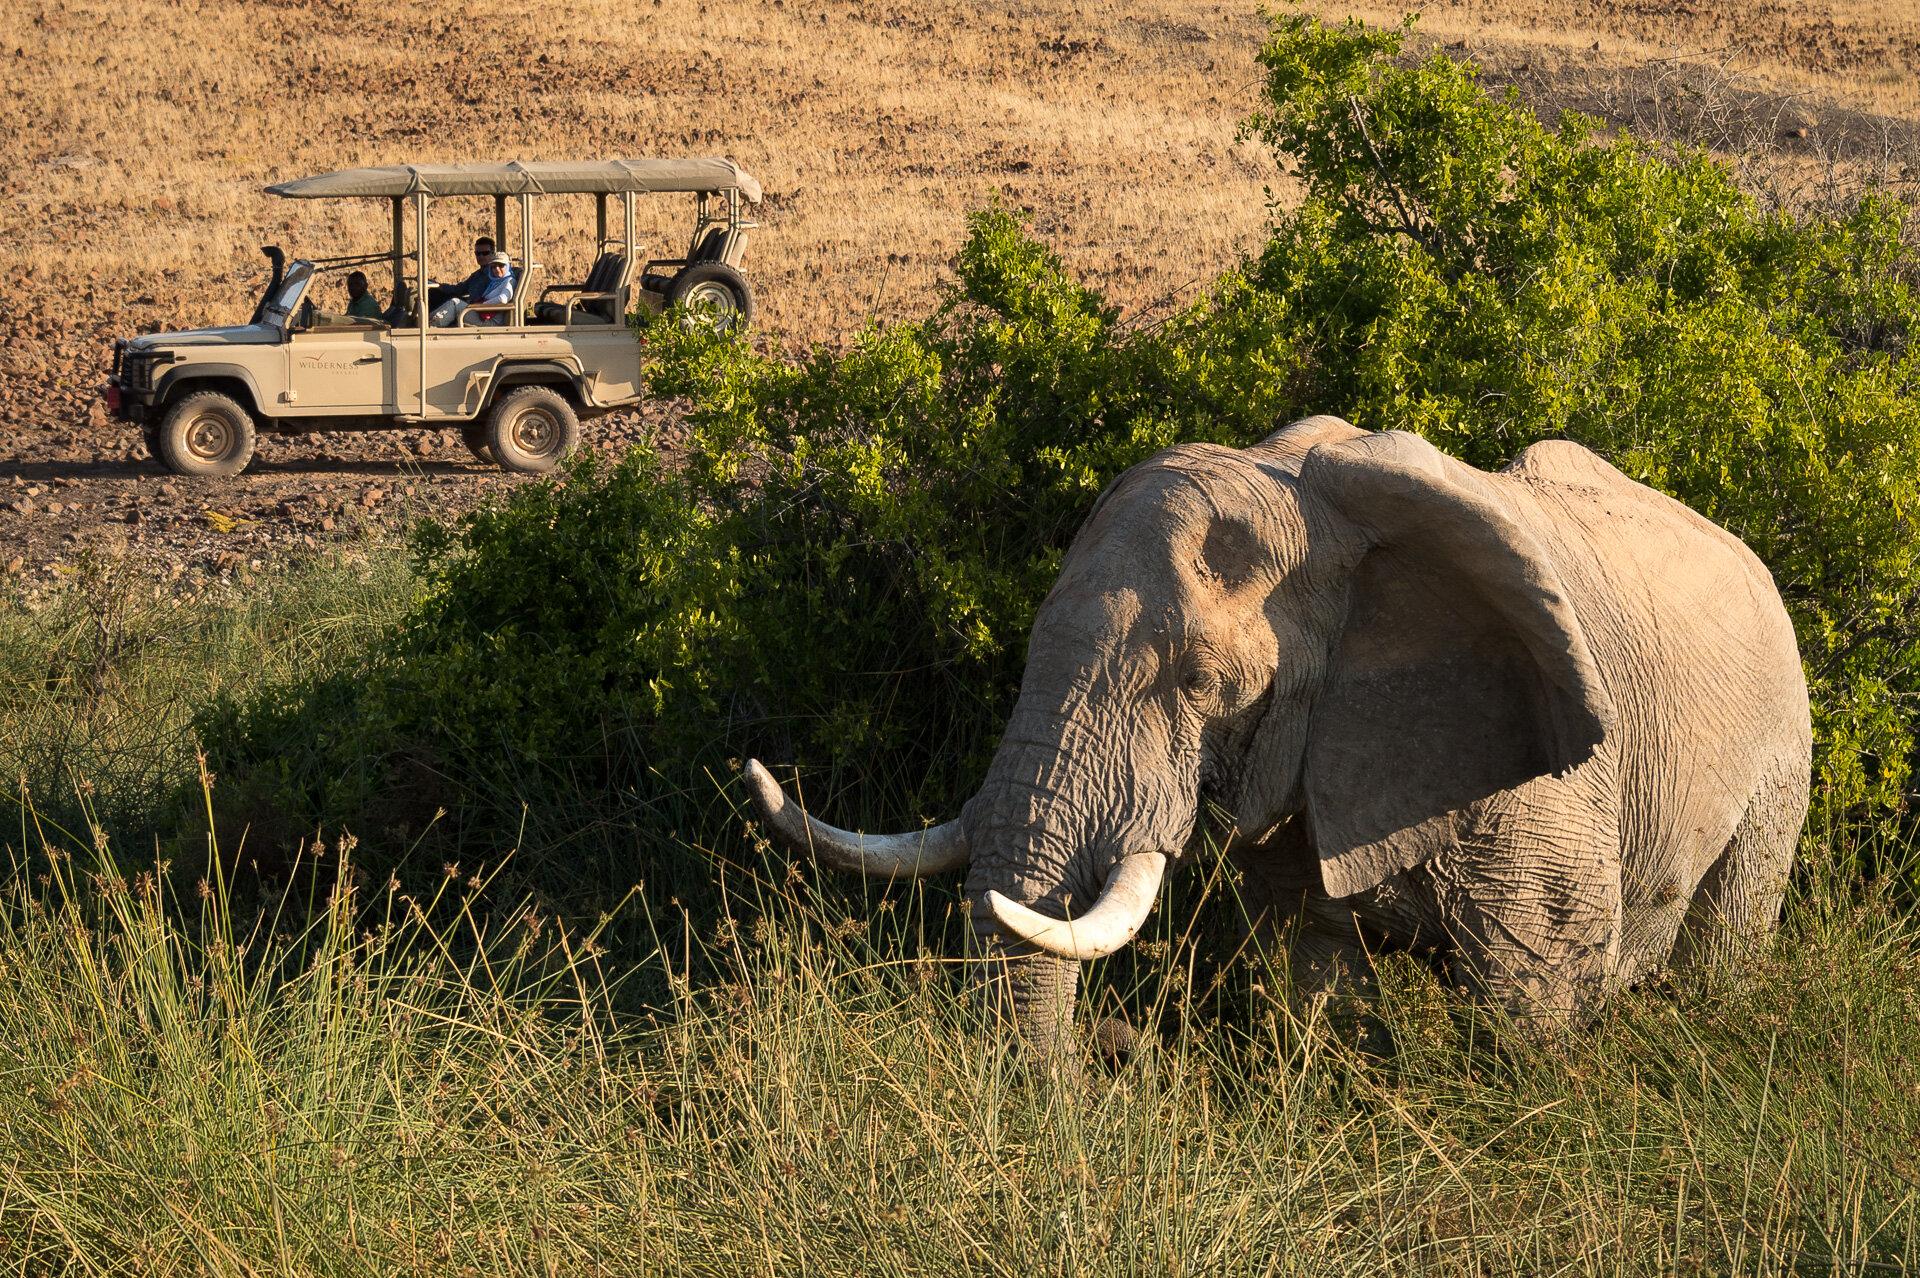 Desert_Rhino_Camp_2014-08-80e.jpg